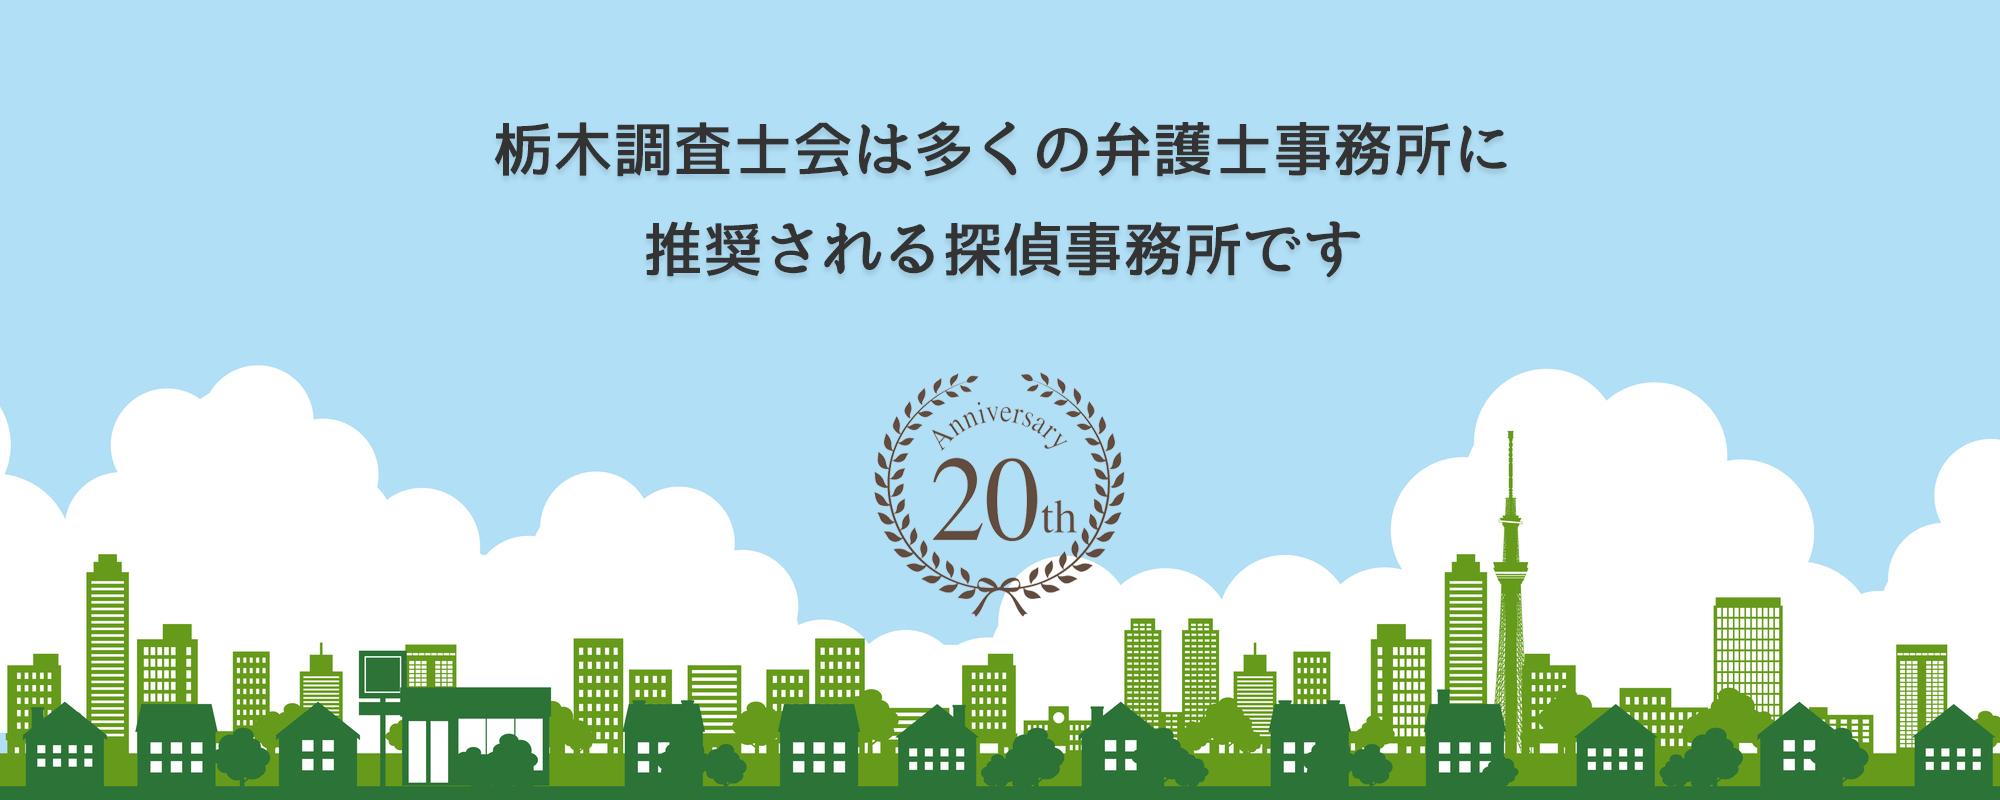 栃木相談室は多くの弁護士事務所に推奨されています。